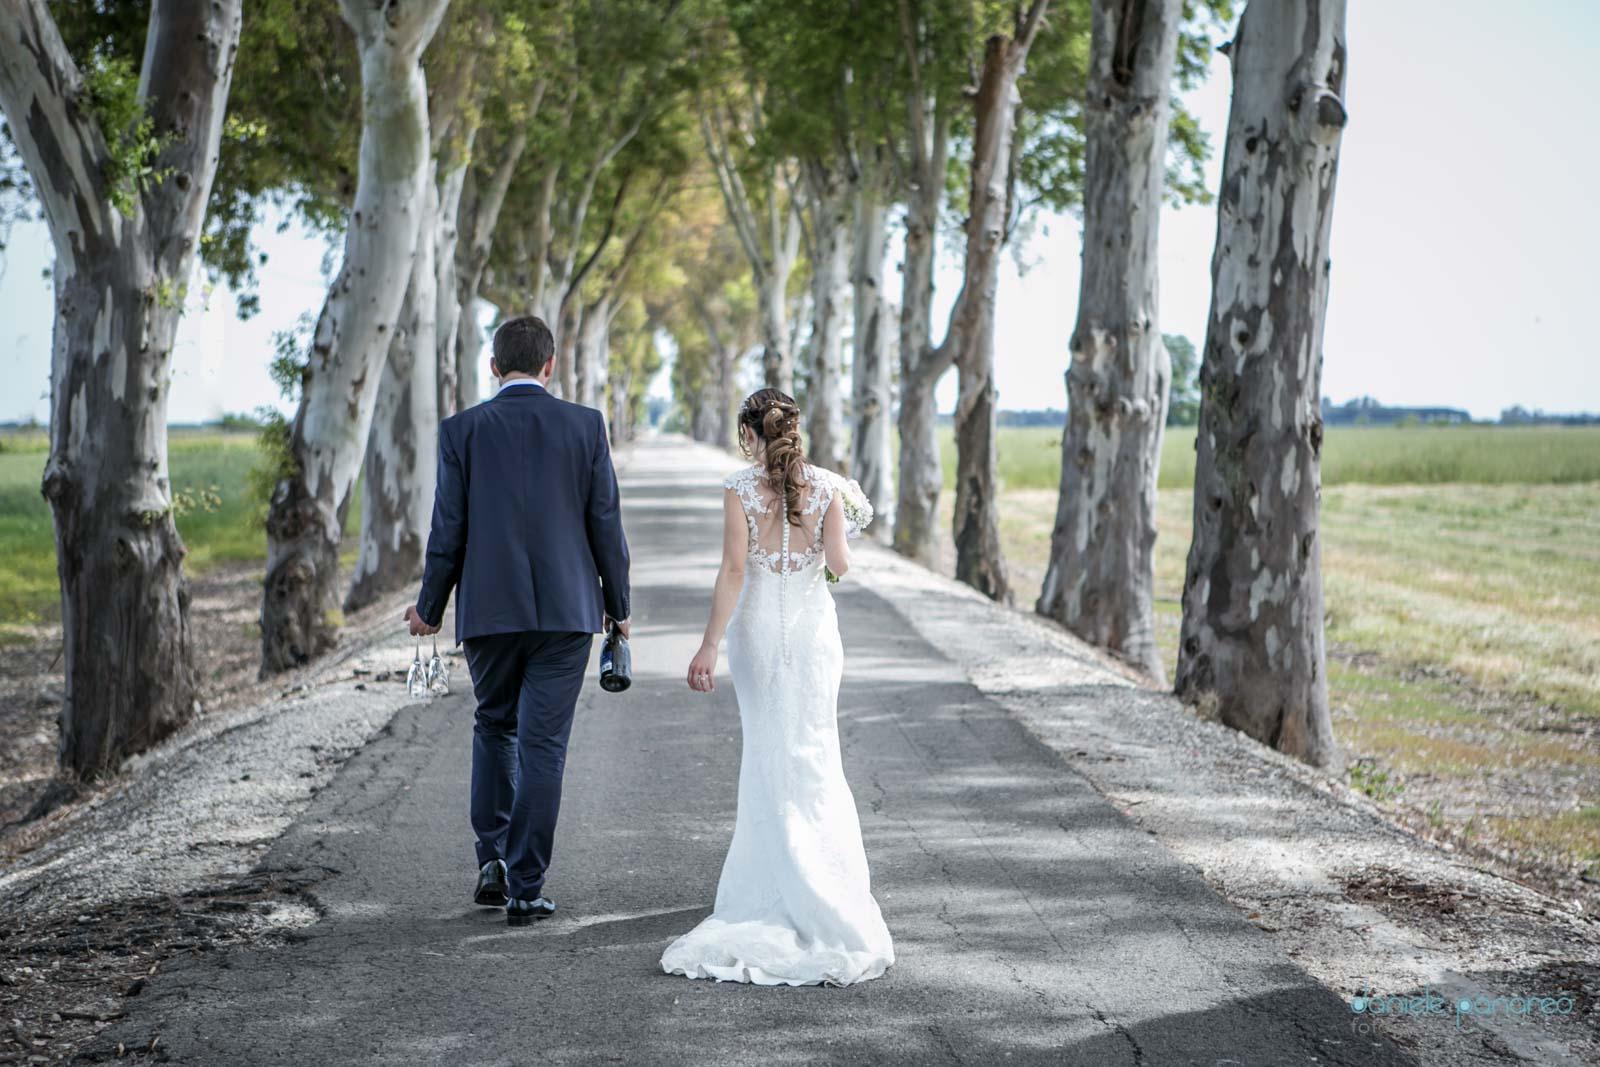 a59b35868cbe Kat Sav 2017 - come organizzare il servizio fotografico di matrimonio -  Lecce